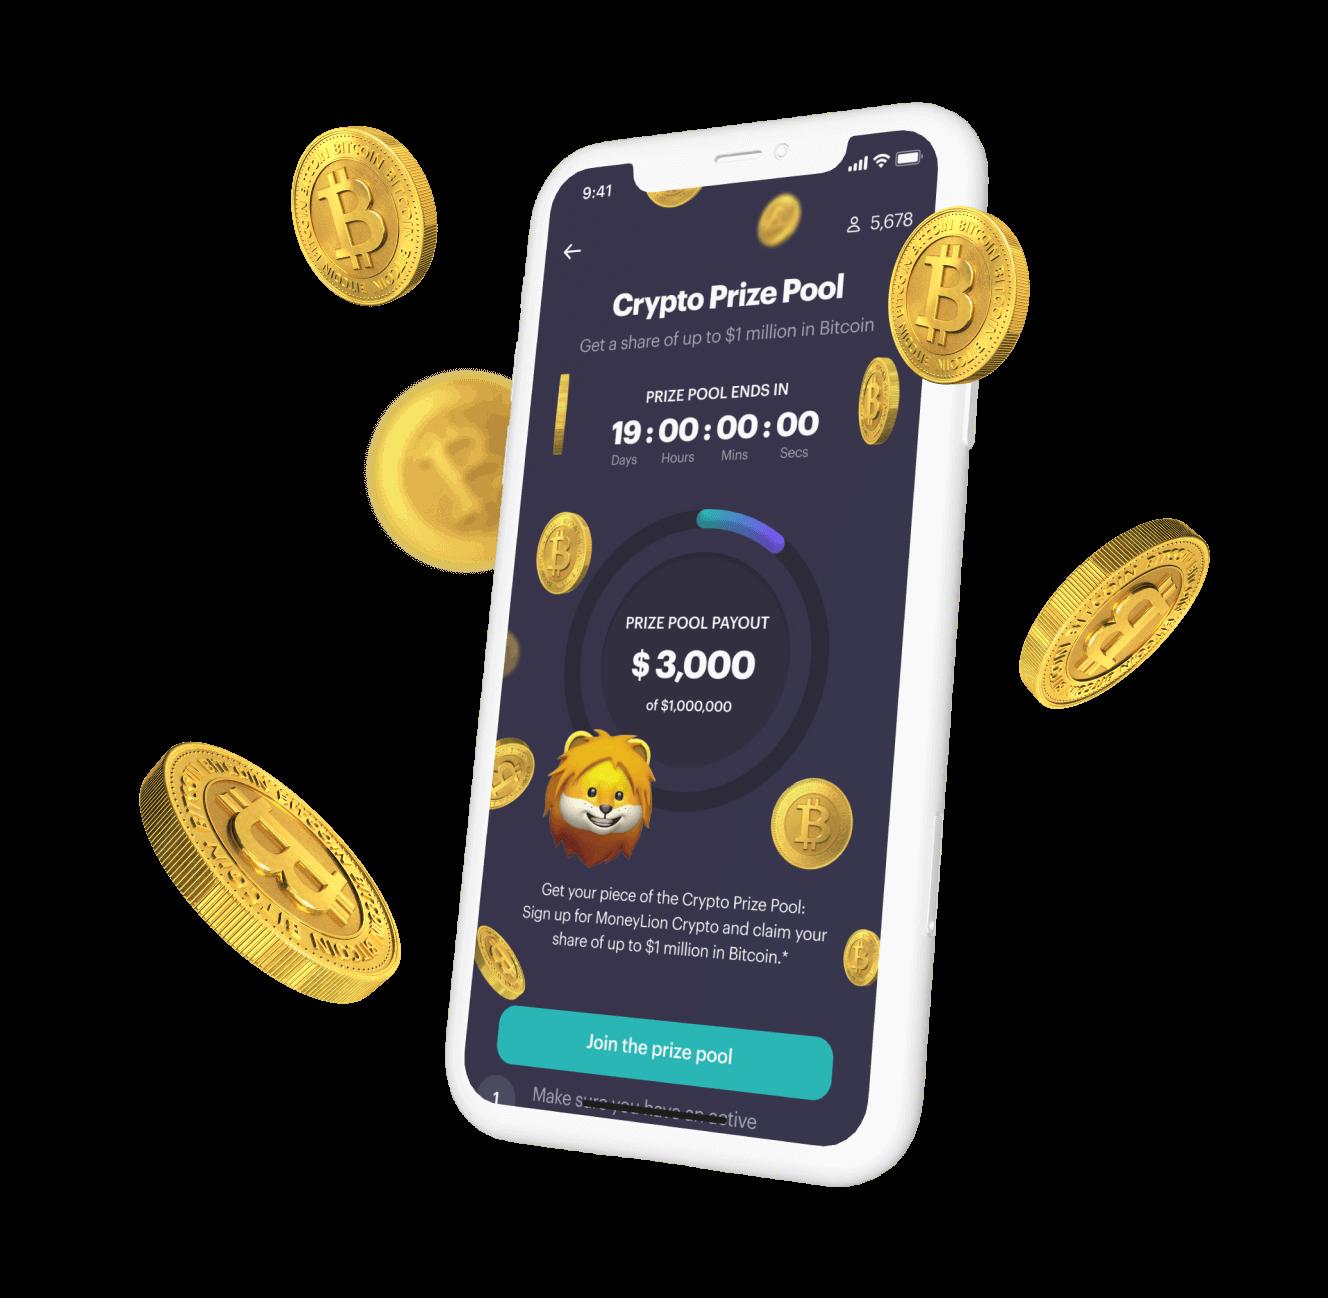 MoneyLion Crypto